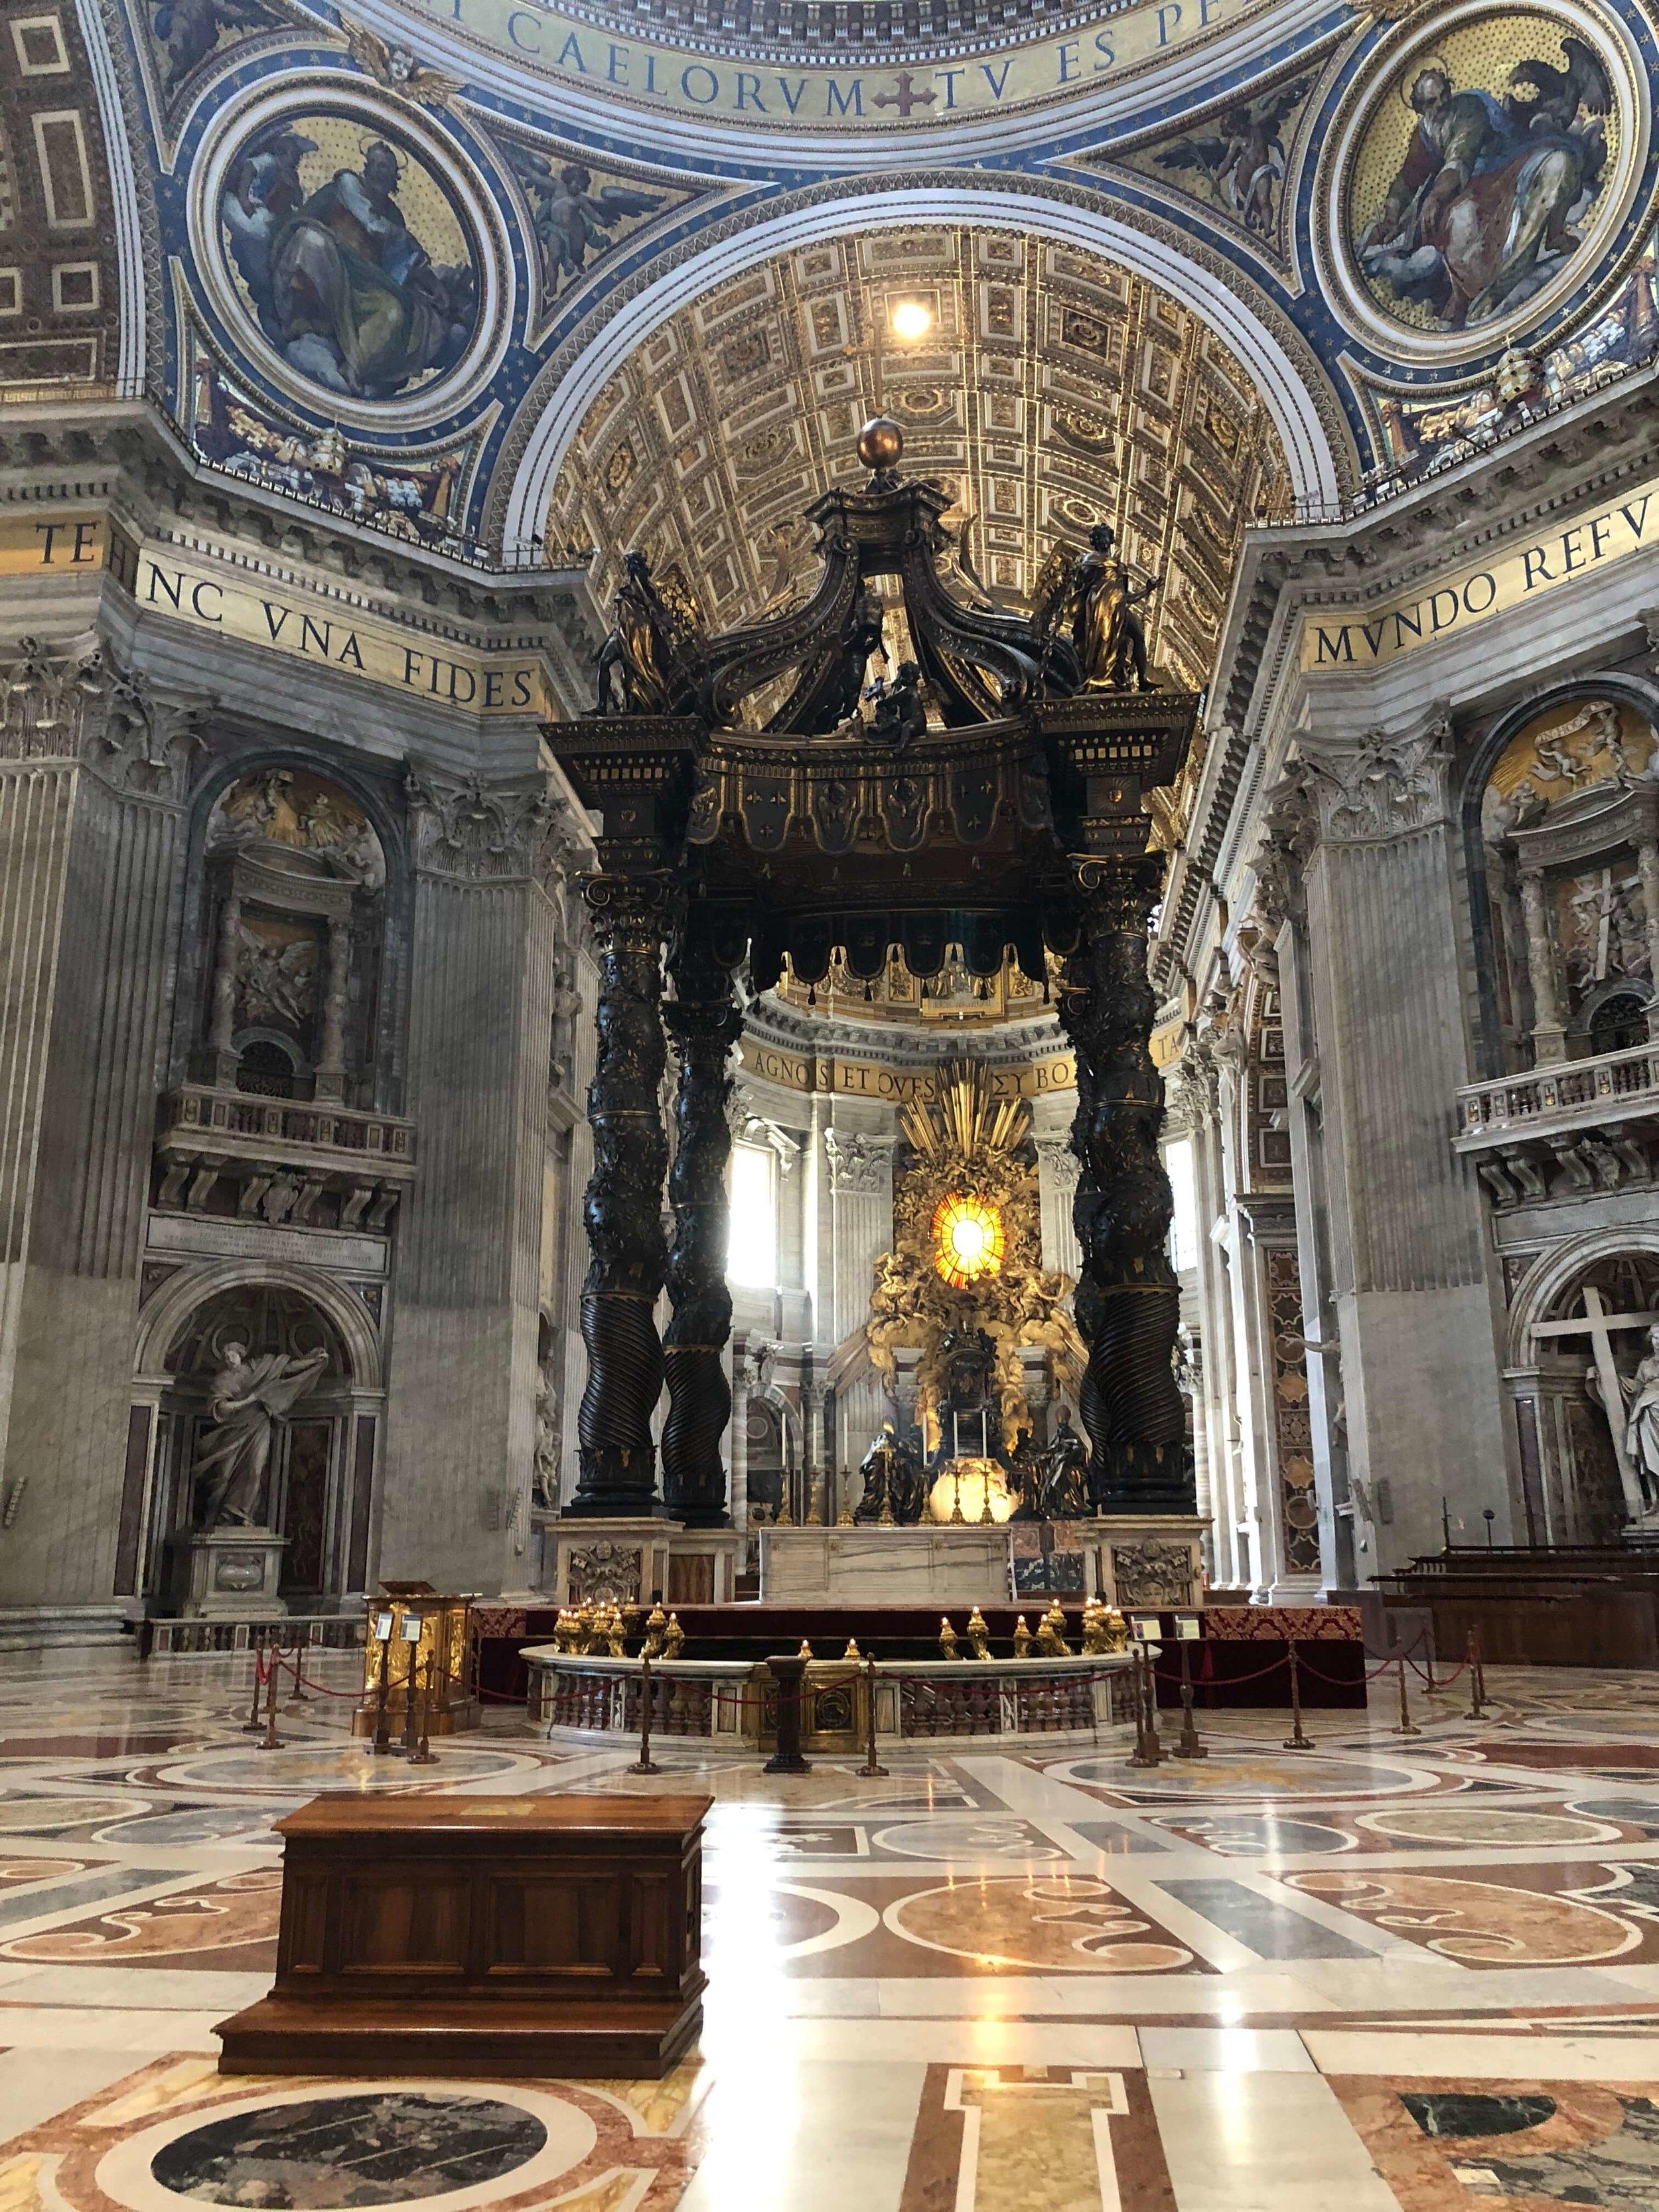 Michelangelo's Design